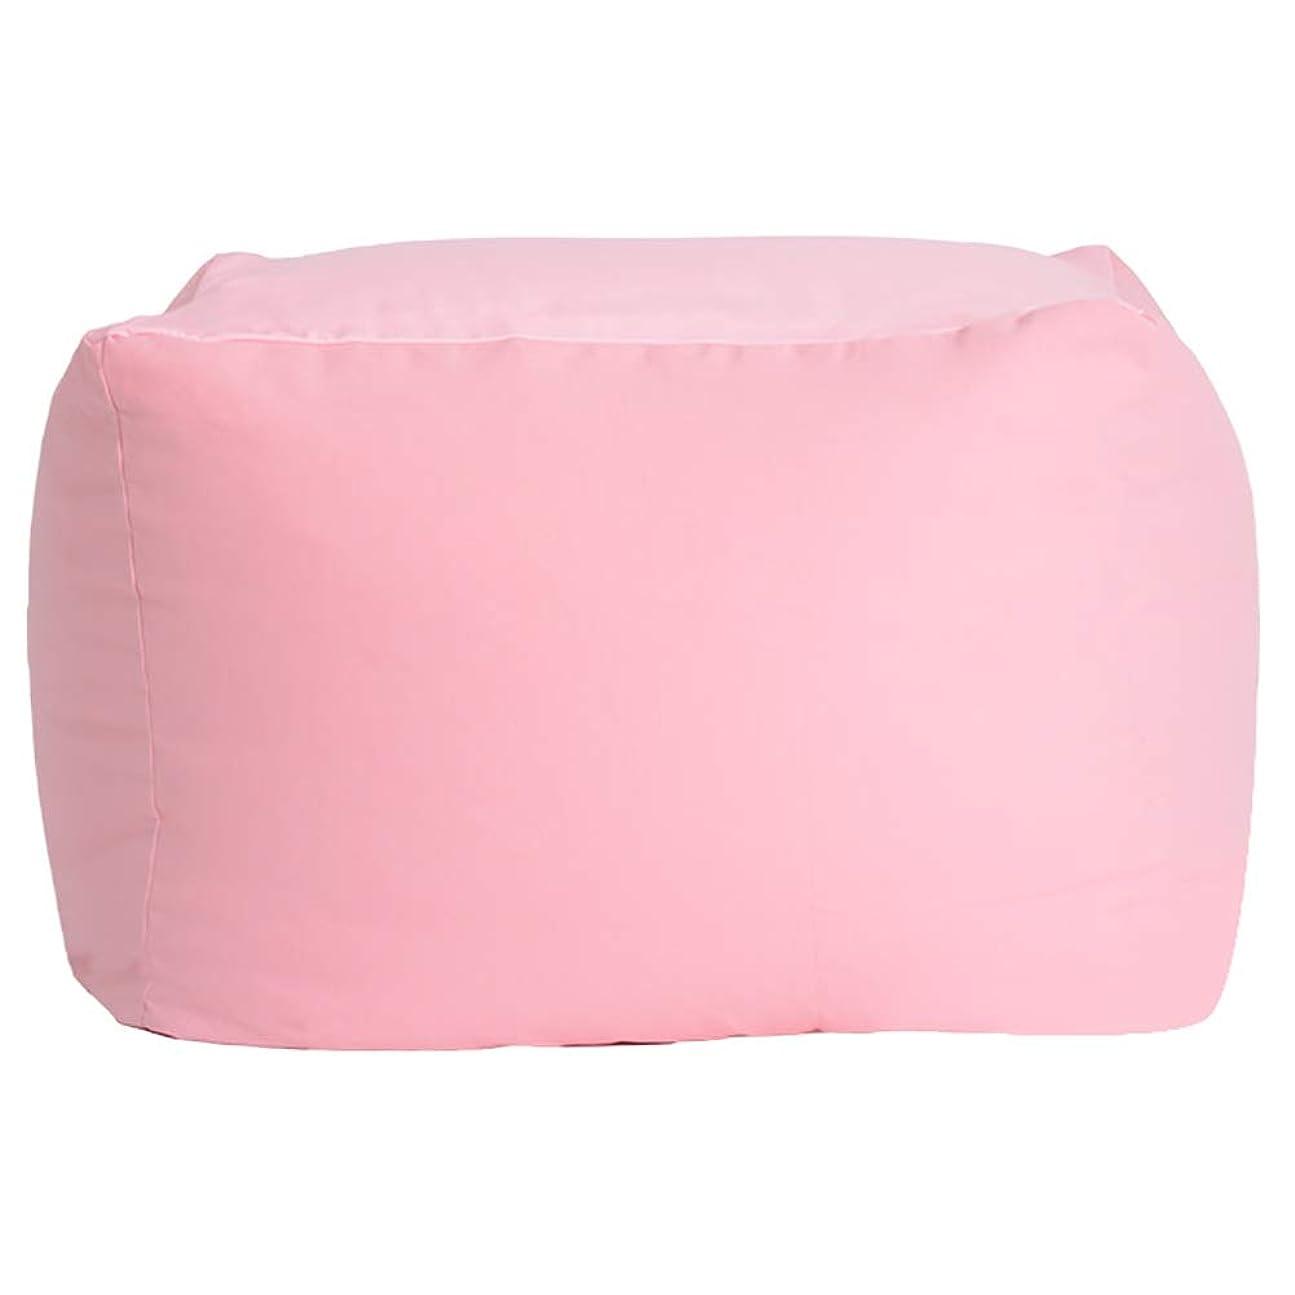 可愛い調和のとれたカウンタCAIJUN オットマン 足置き フットスツール キャンバス ミュート 多機能 ポータブル 贈り物、 4色、 2サイズ (色 : ピンク, サイズ さいず : 65x65x43cm)